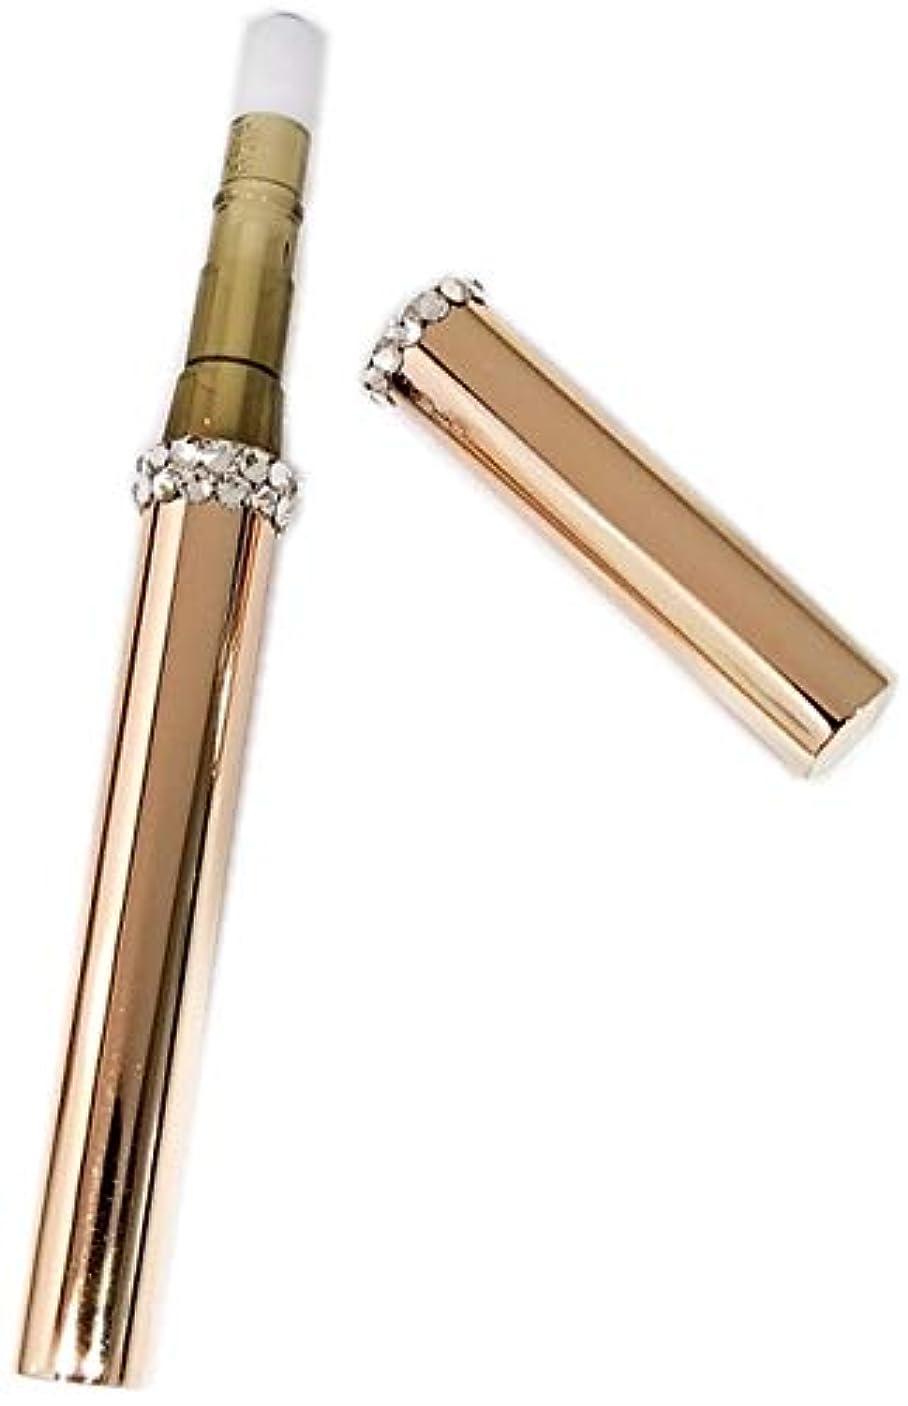 ターゲットカナダ裁定アトマイザー ロールオン スワロフスキー 『C-line』 香水 詰め替え スティックアトマイザー (ピンクゴールド ) スワロフスキー クリスタル 携帯 遮光 [F]